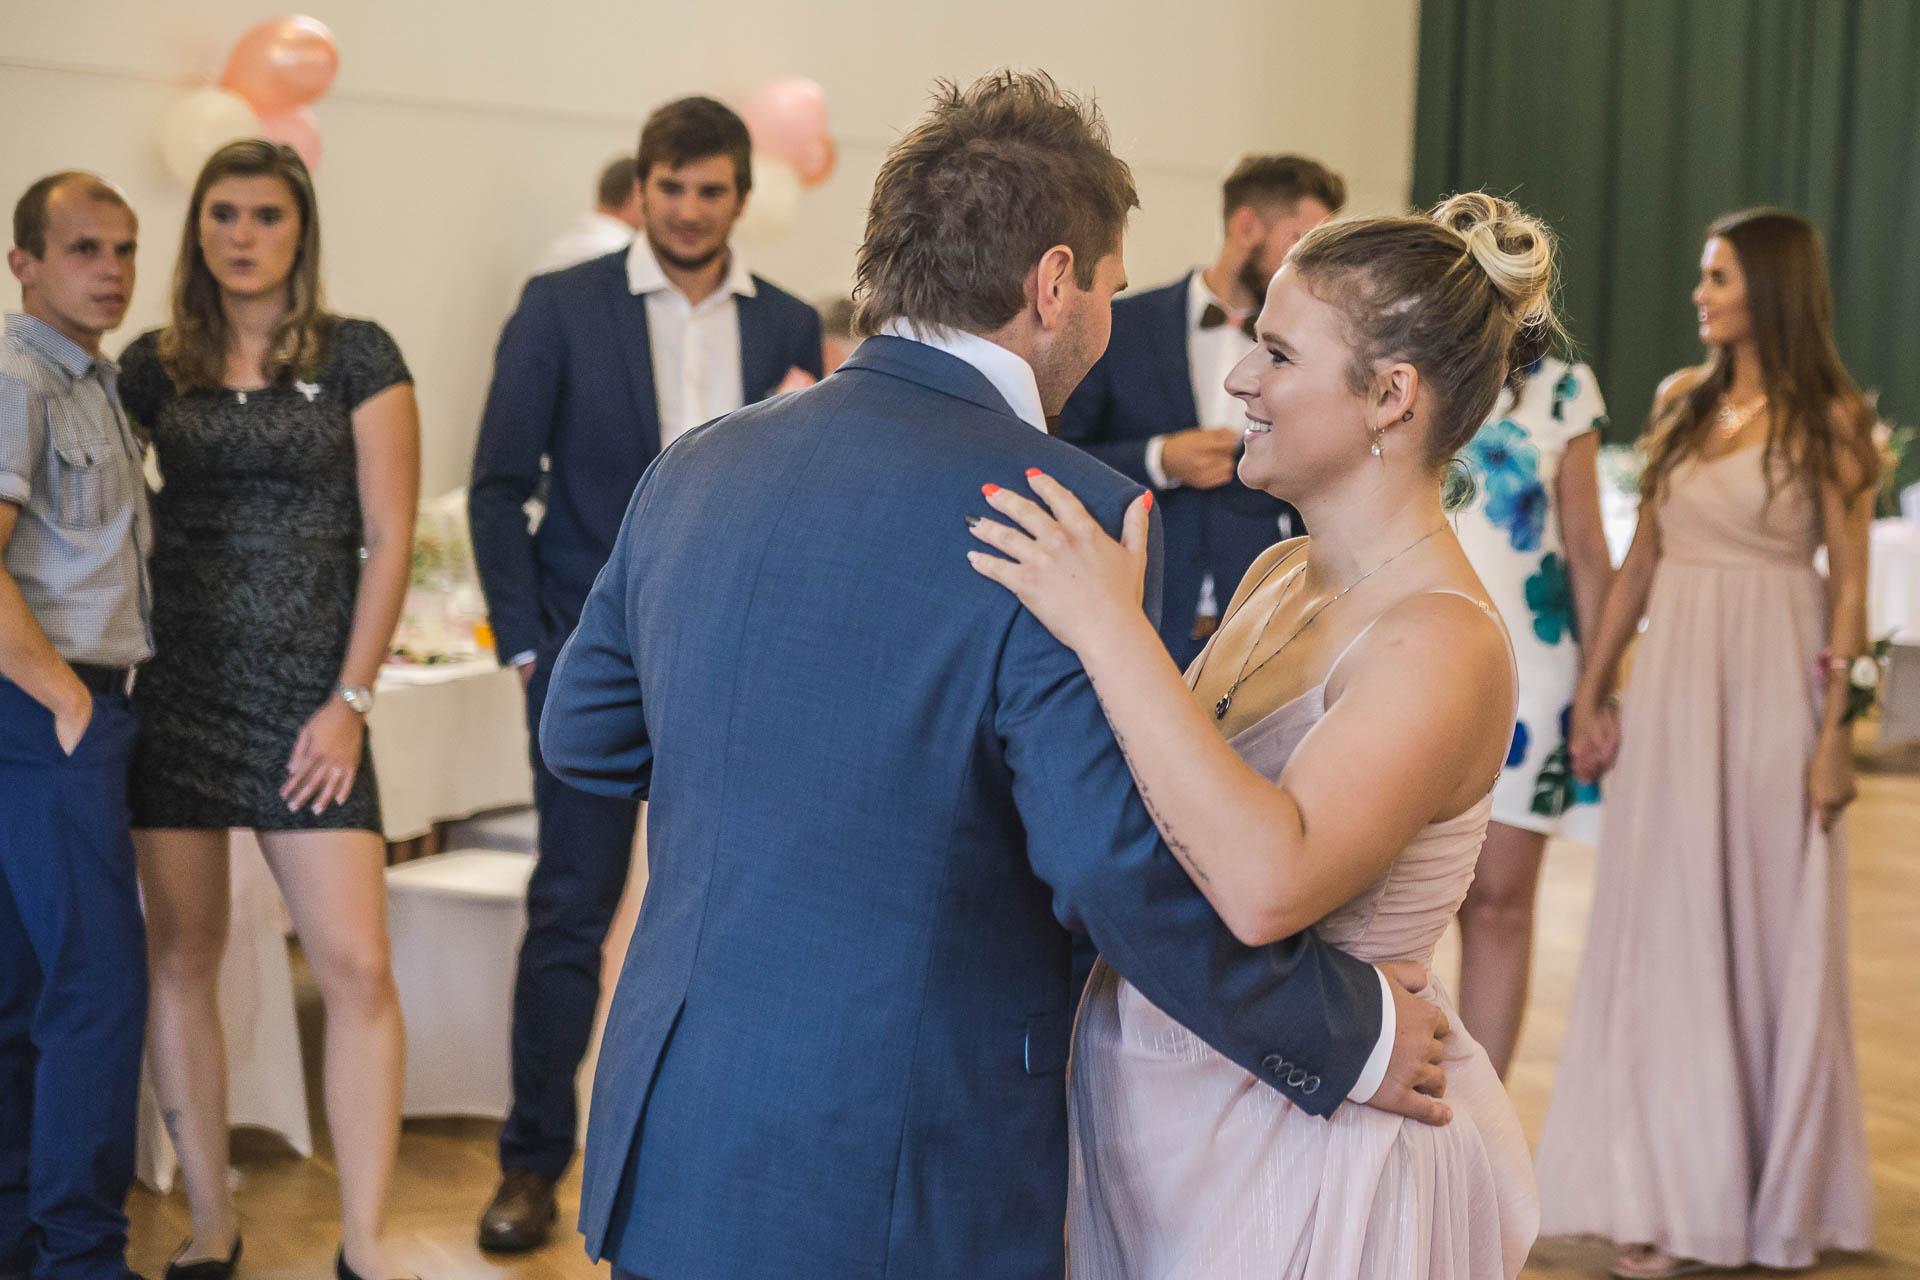 svatební-fotografie-Říp-svatební-video-ŘÍP-svatební-fotograf-ŘÍP-svatba-Mělník-svatba-Neratovice-fotograf-na-savtbu-kameraman-na-svatbu-286